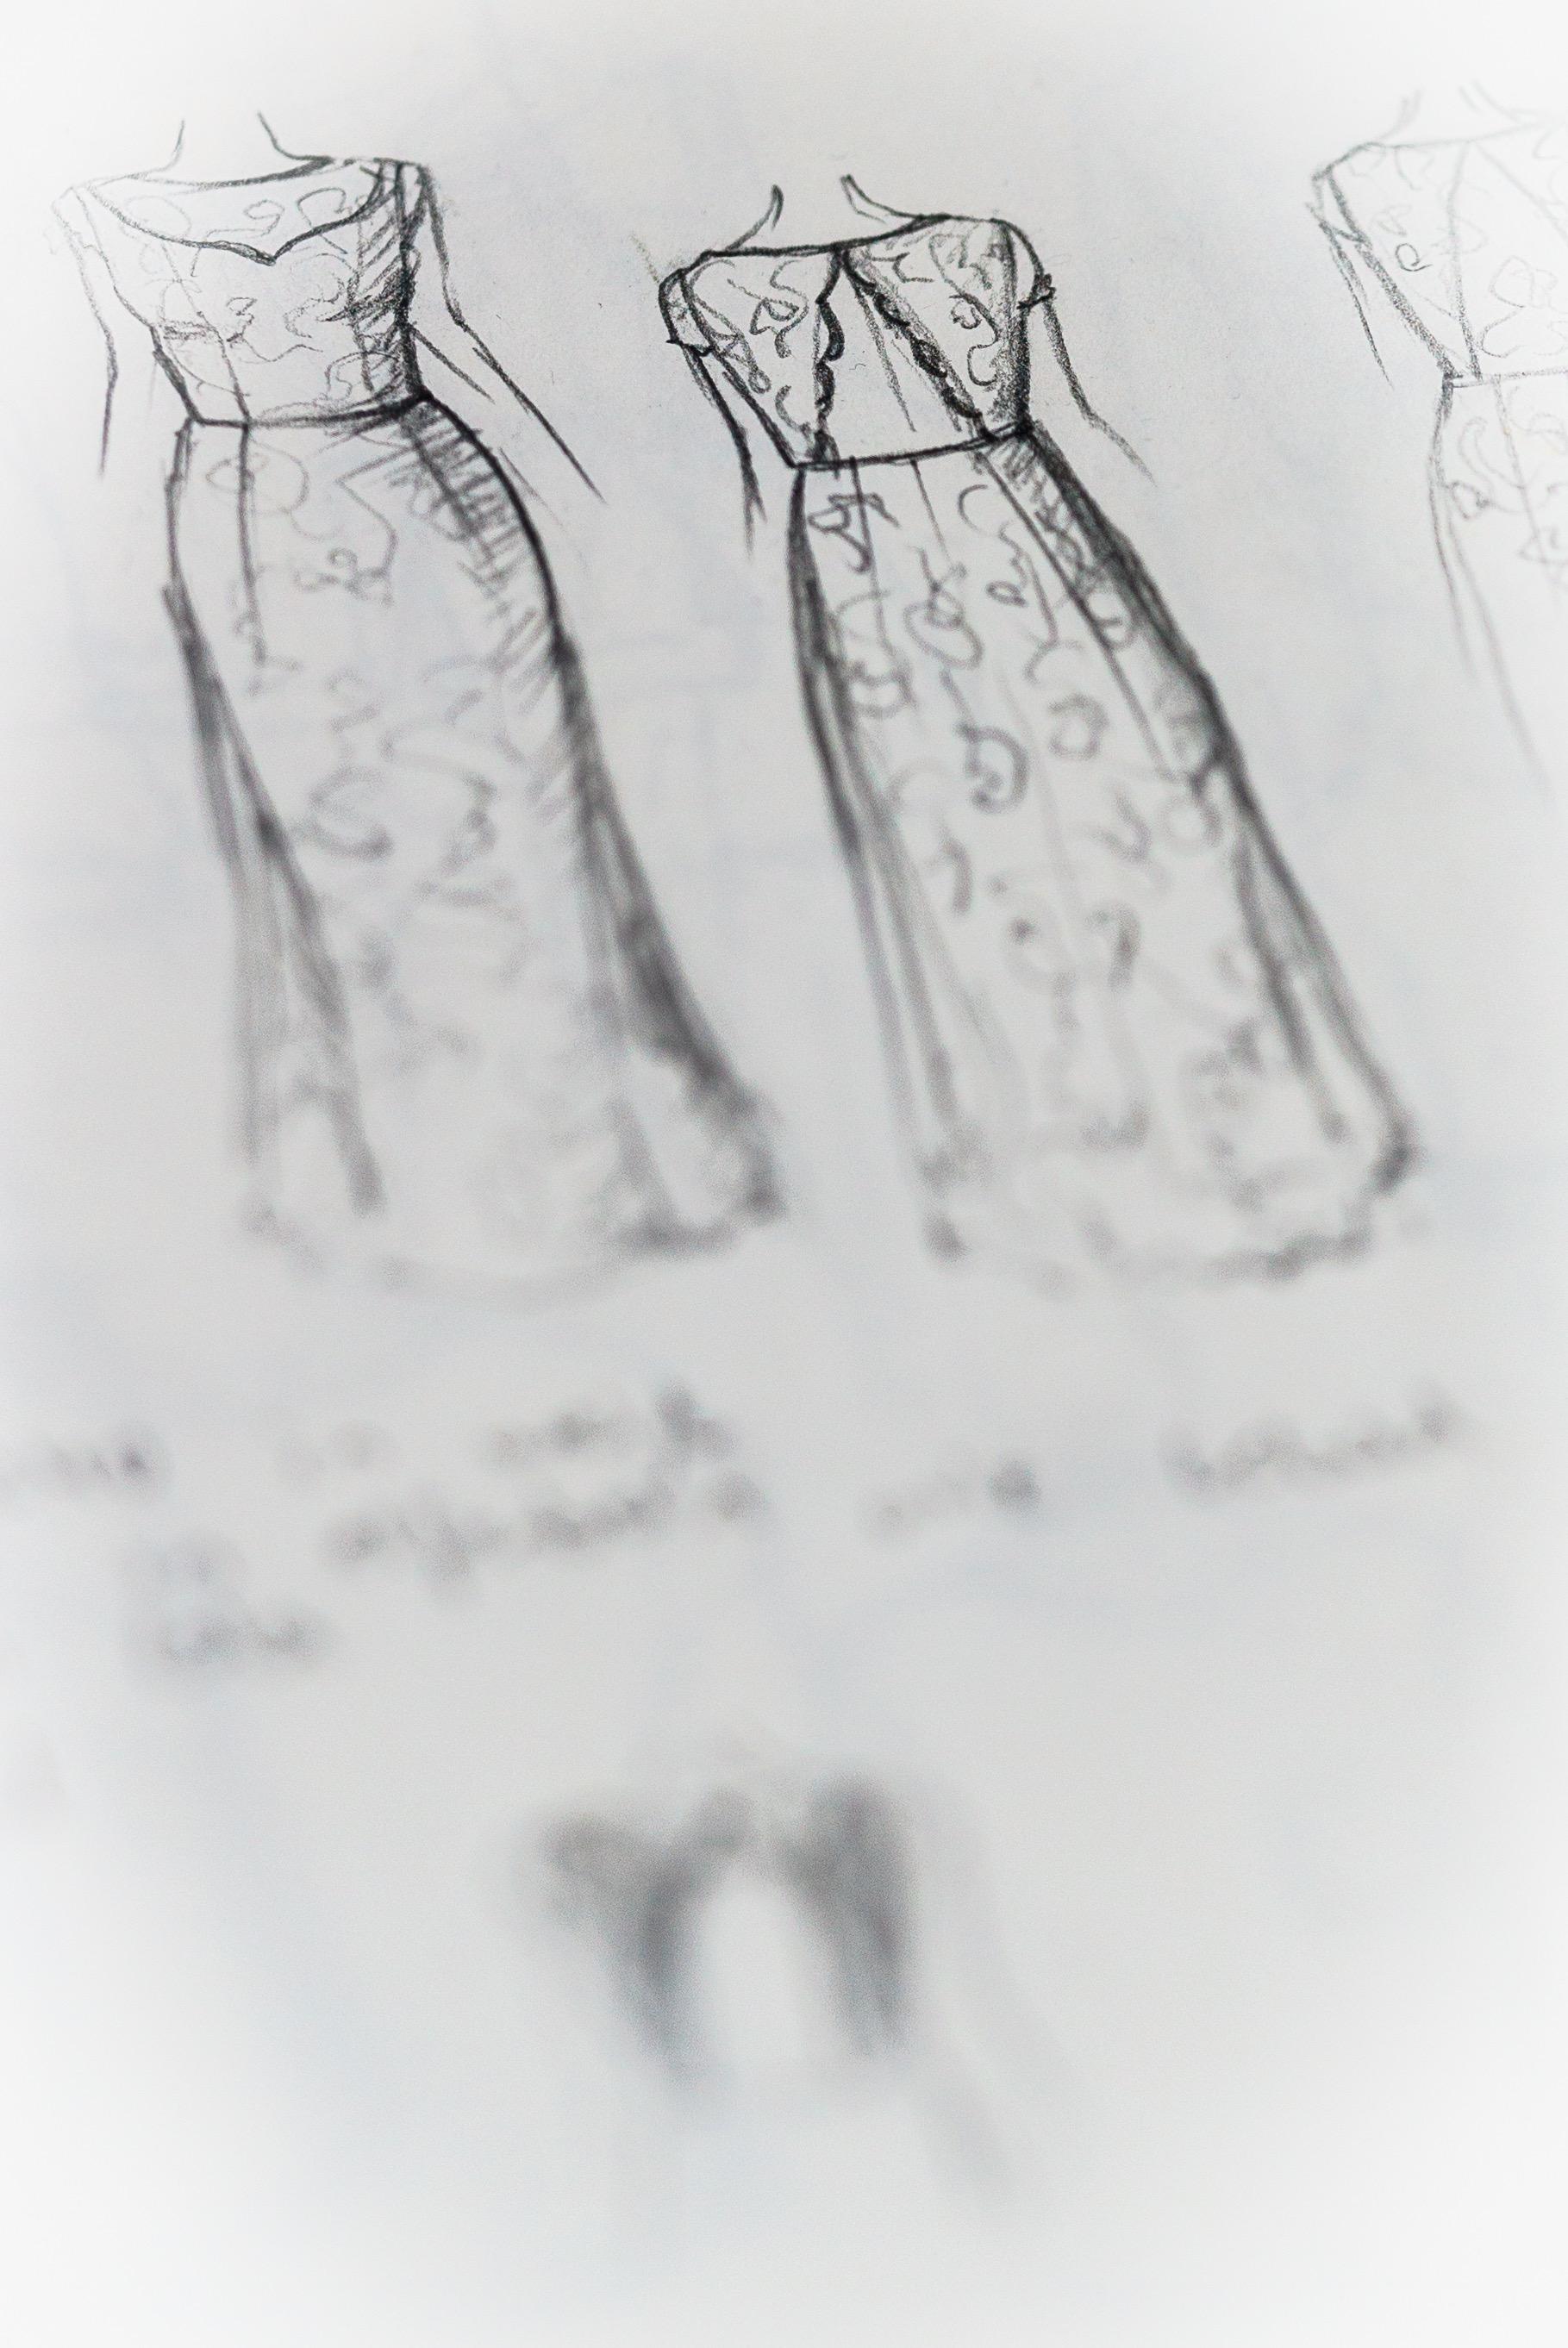 Skizzen entstehen